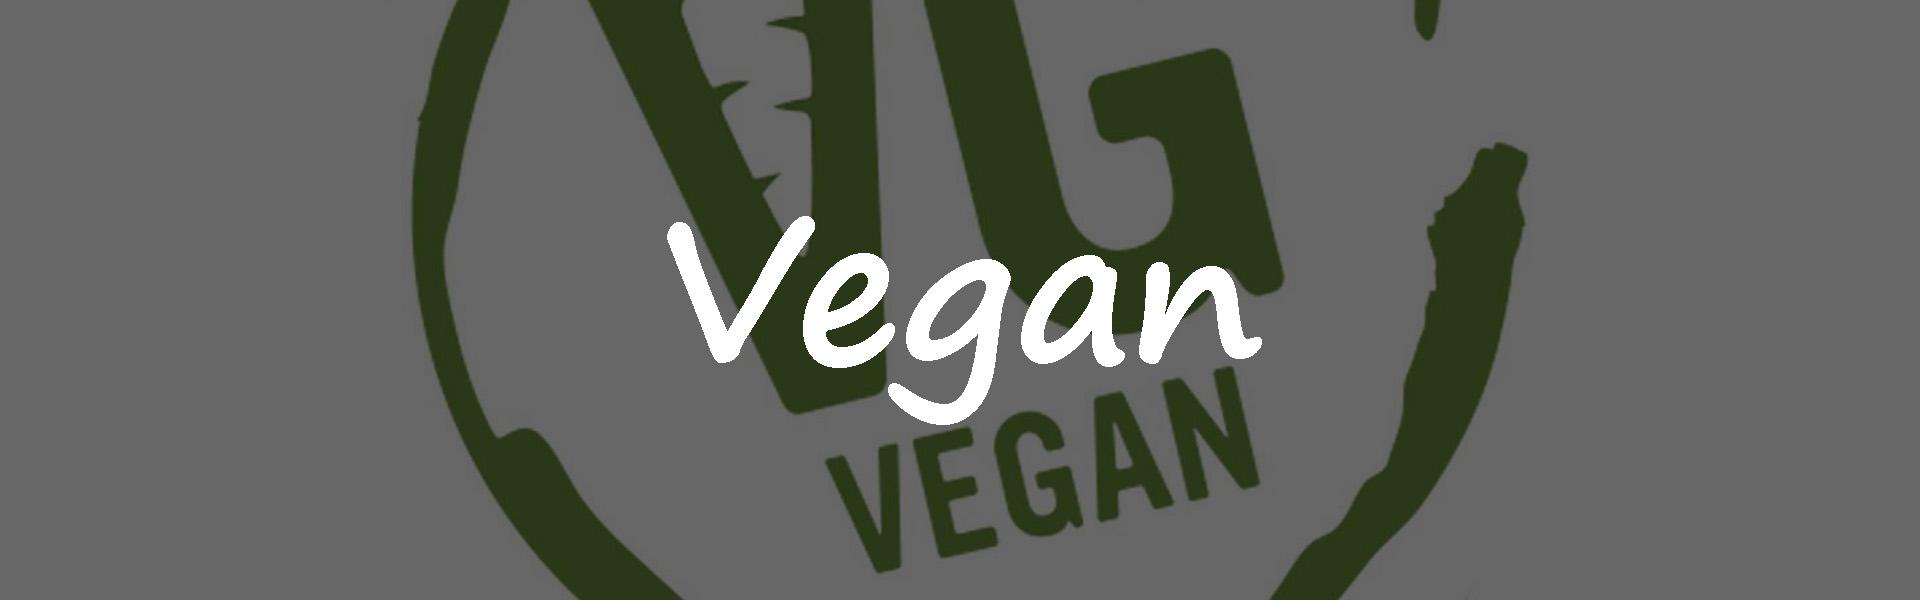 Web Ready Vegan 1